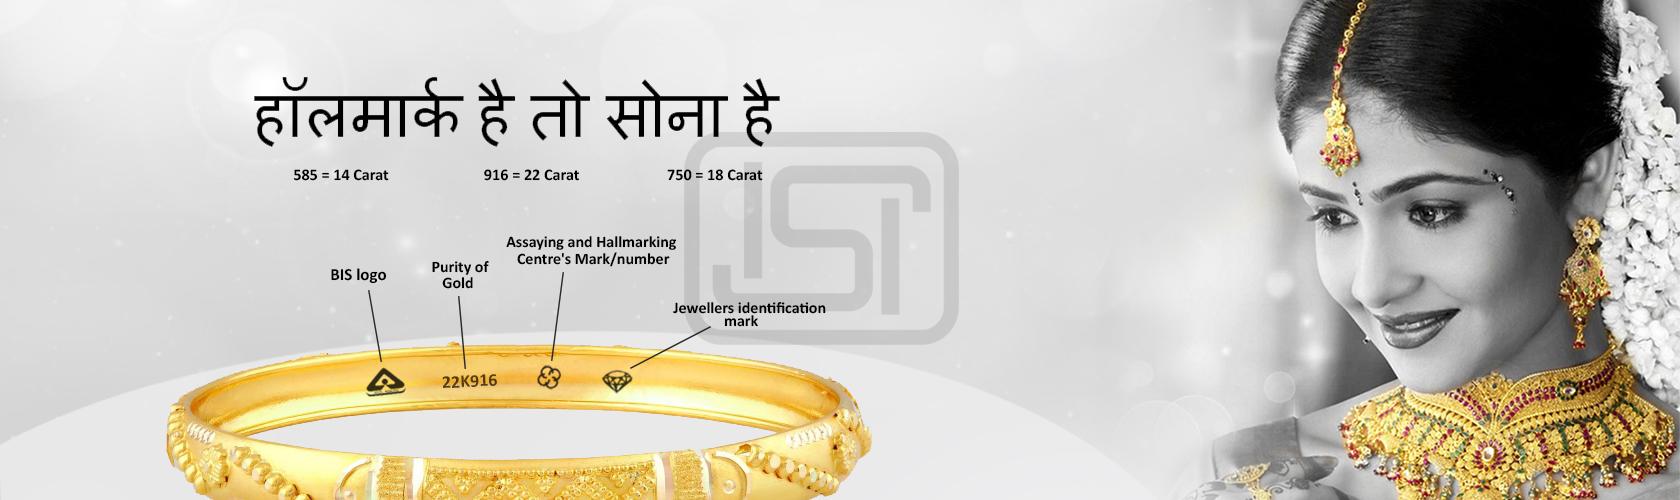 938567148hallmarking-Gold